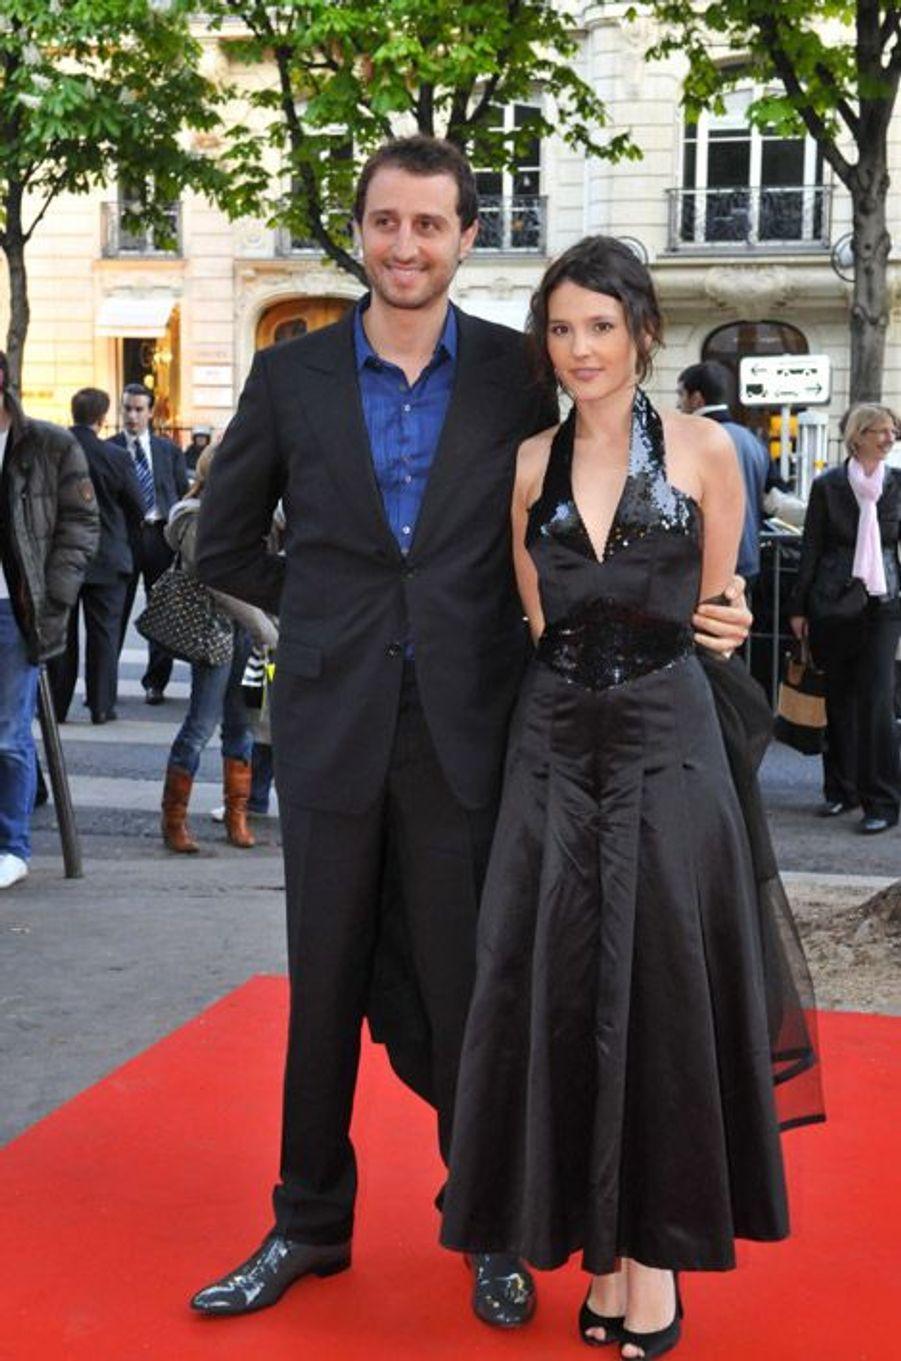 """Jupon et robe midi avec son compagnon, Arieh Elmaleh, lors du gala """"Musique contre l'oubli"""" à Paris, le 23 avril 2008"""